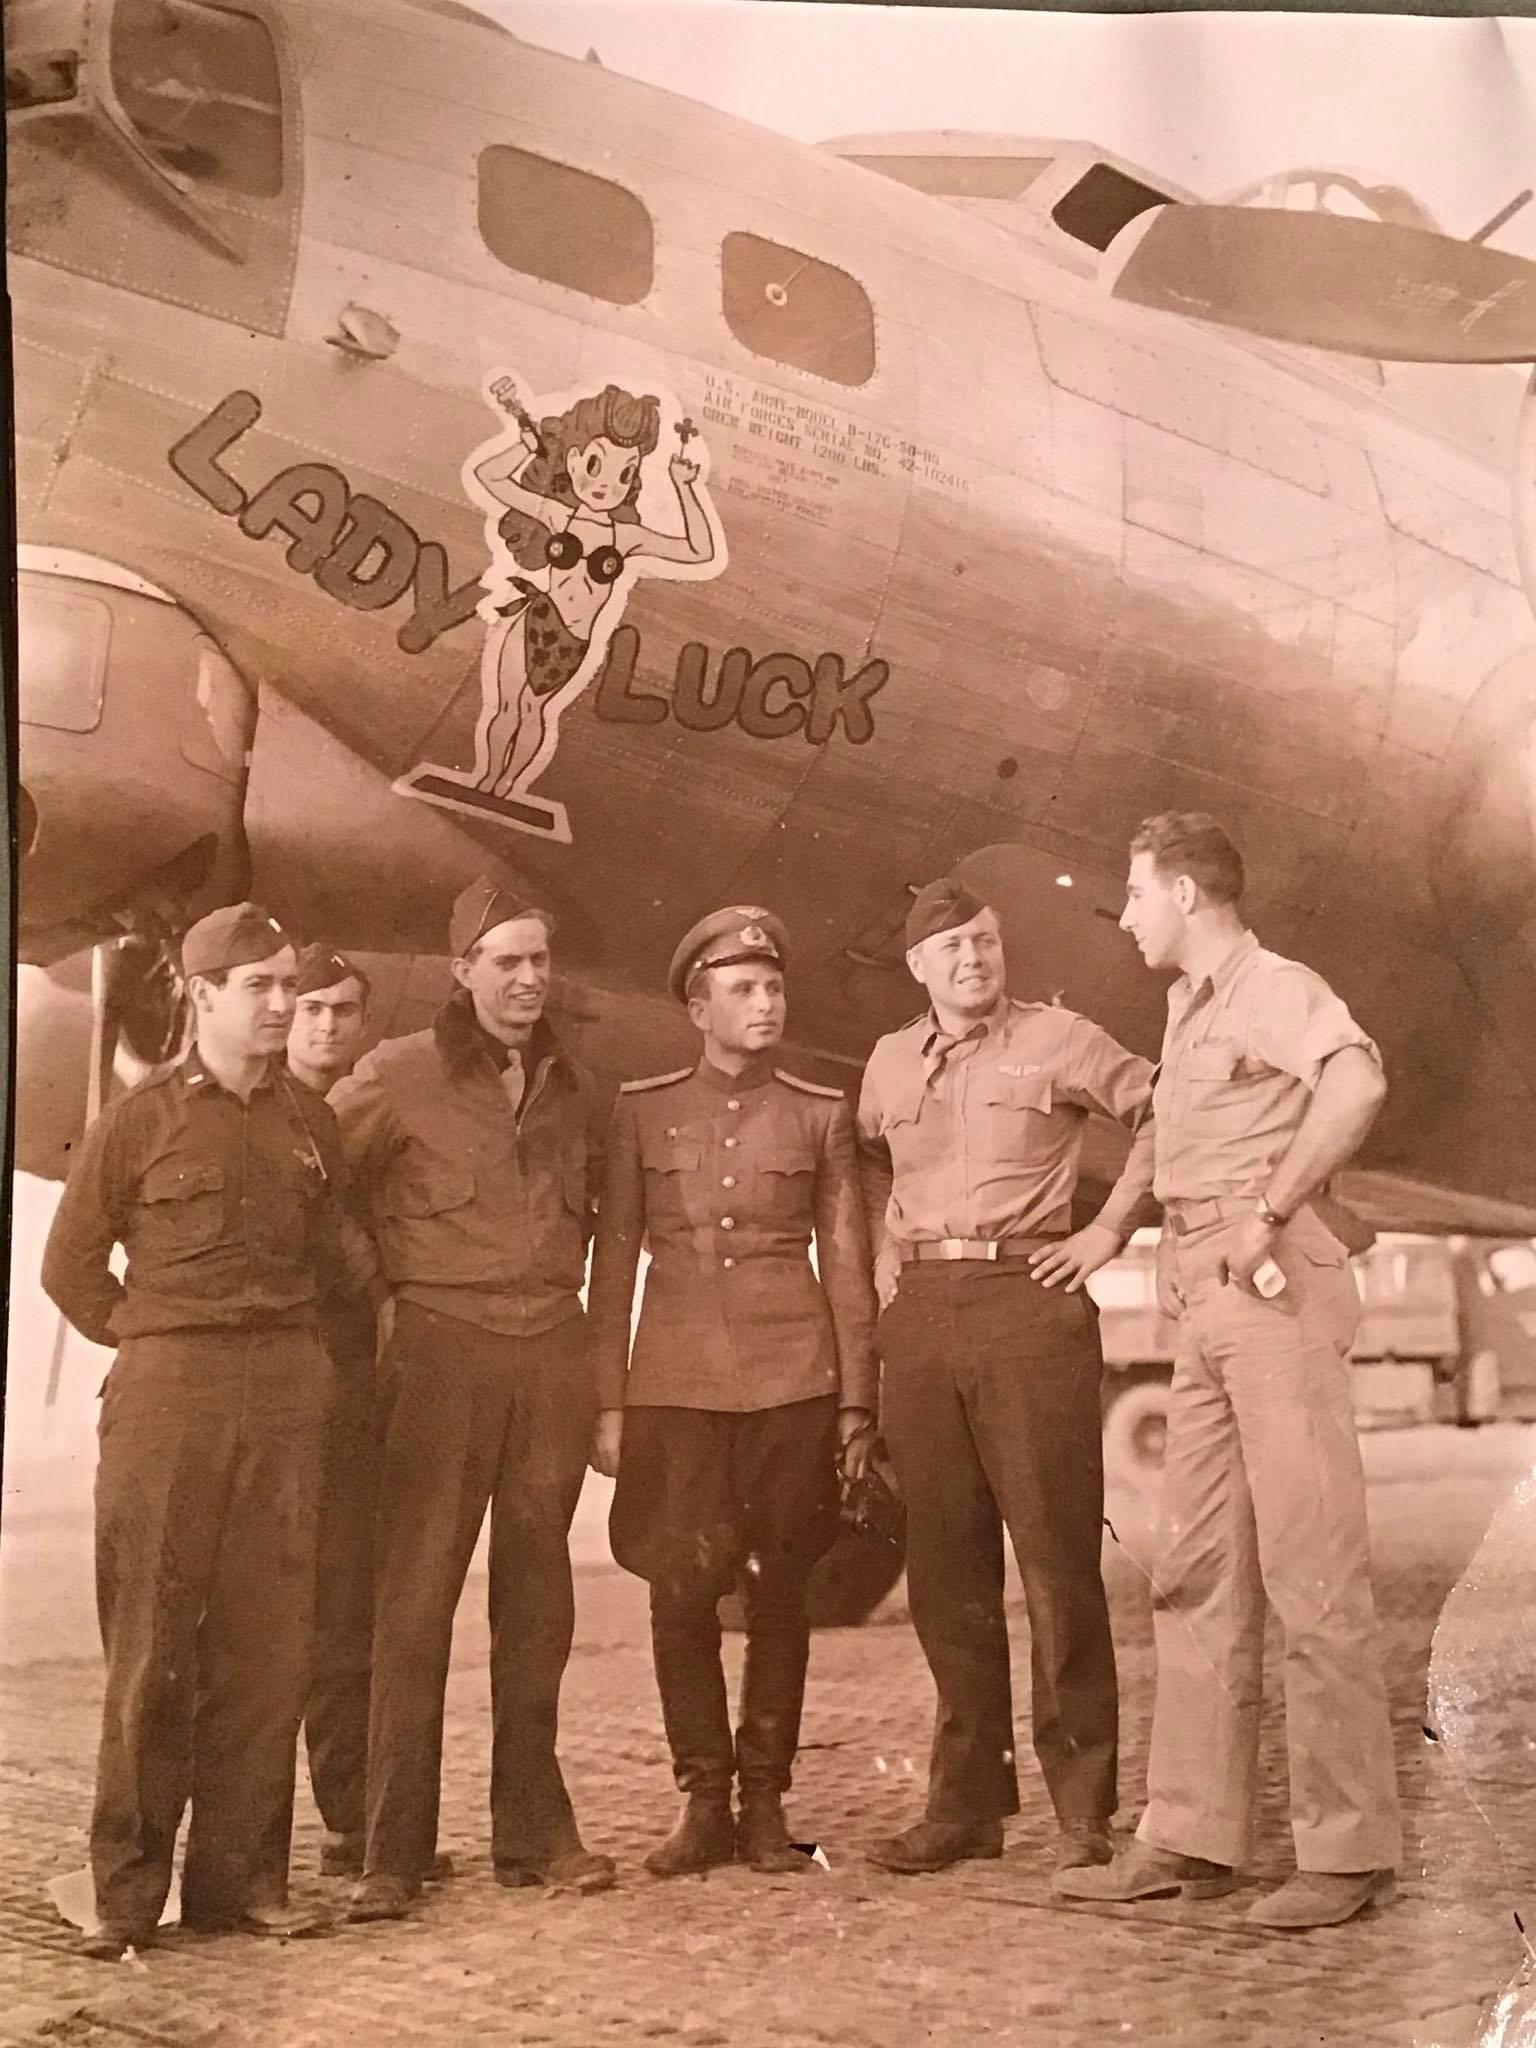 B-17 #42-102416 / Lady Luck